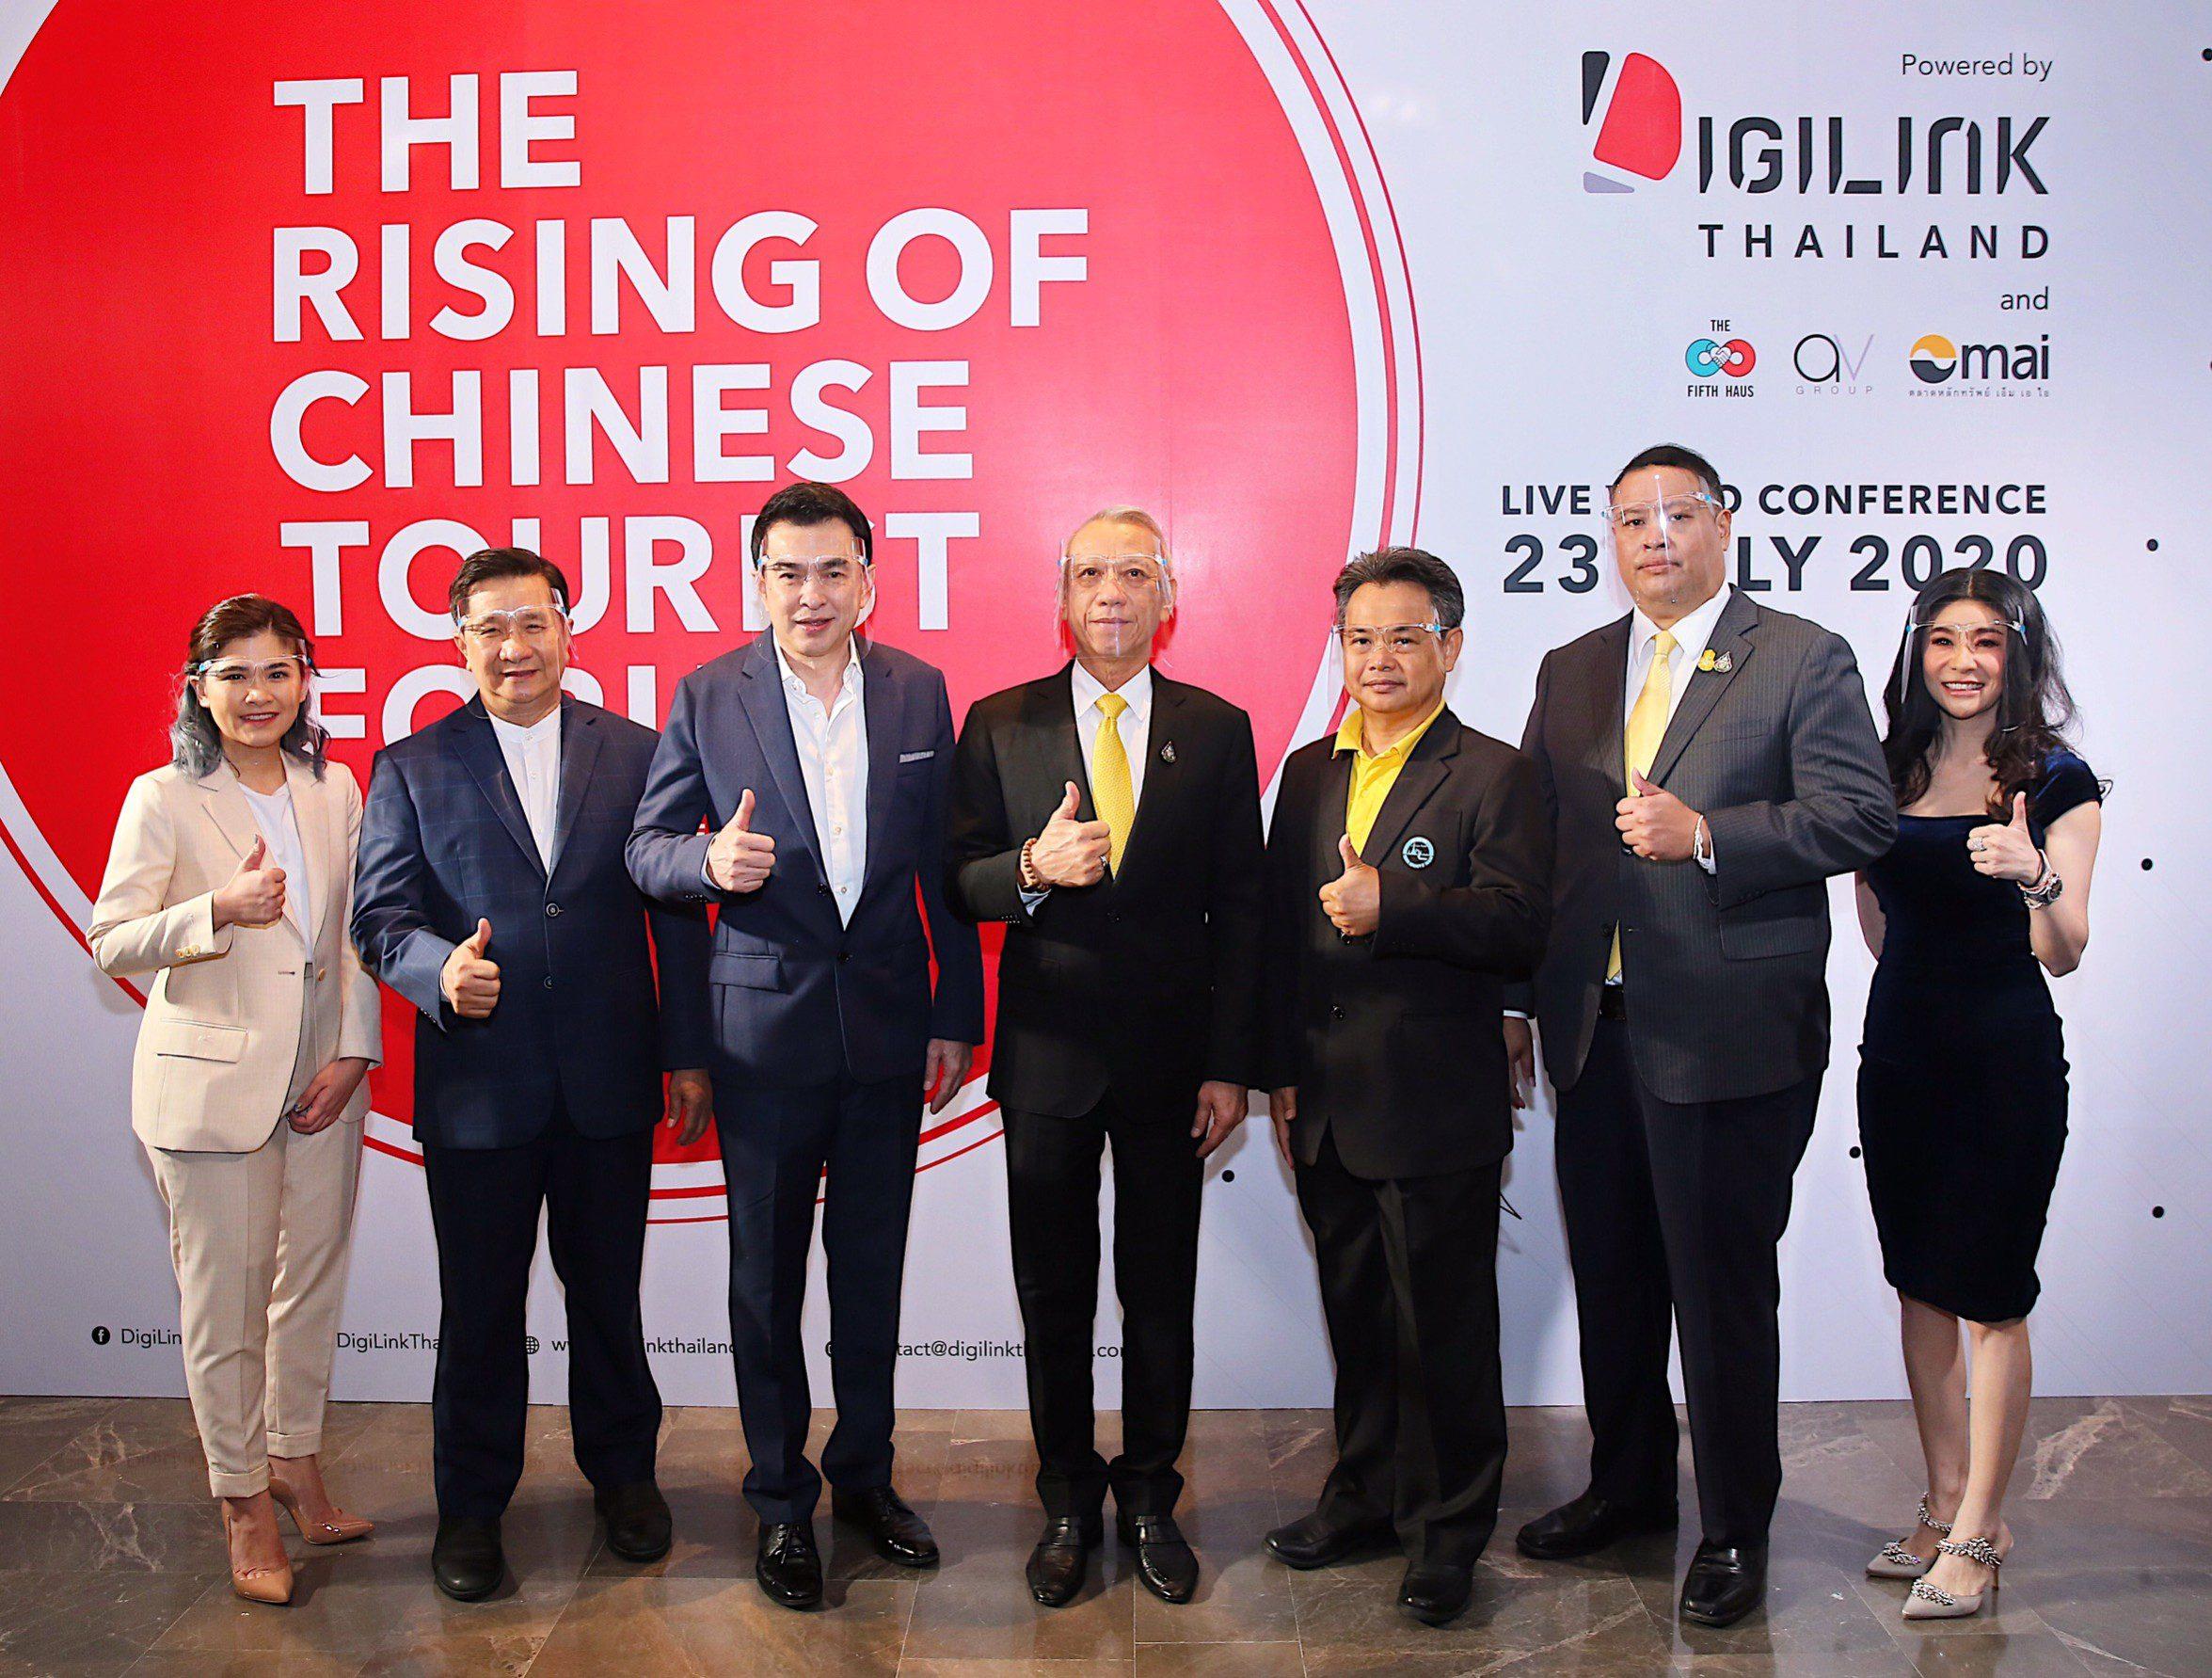 """เวทีเสวนาออนไลน์ครั้งแรกประวัติศาสตร์ """"The Rising of Chinese Tourist Forum"""" โดย DigiLink Thailand เผยกลยุทธ์เจาะนักท่องเที่ยวจีน จาก 14 กูรูไทย-เทศ"""